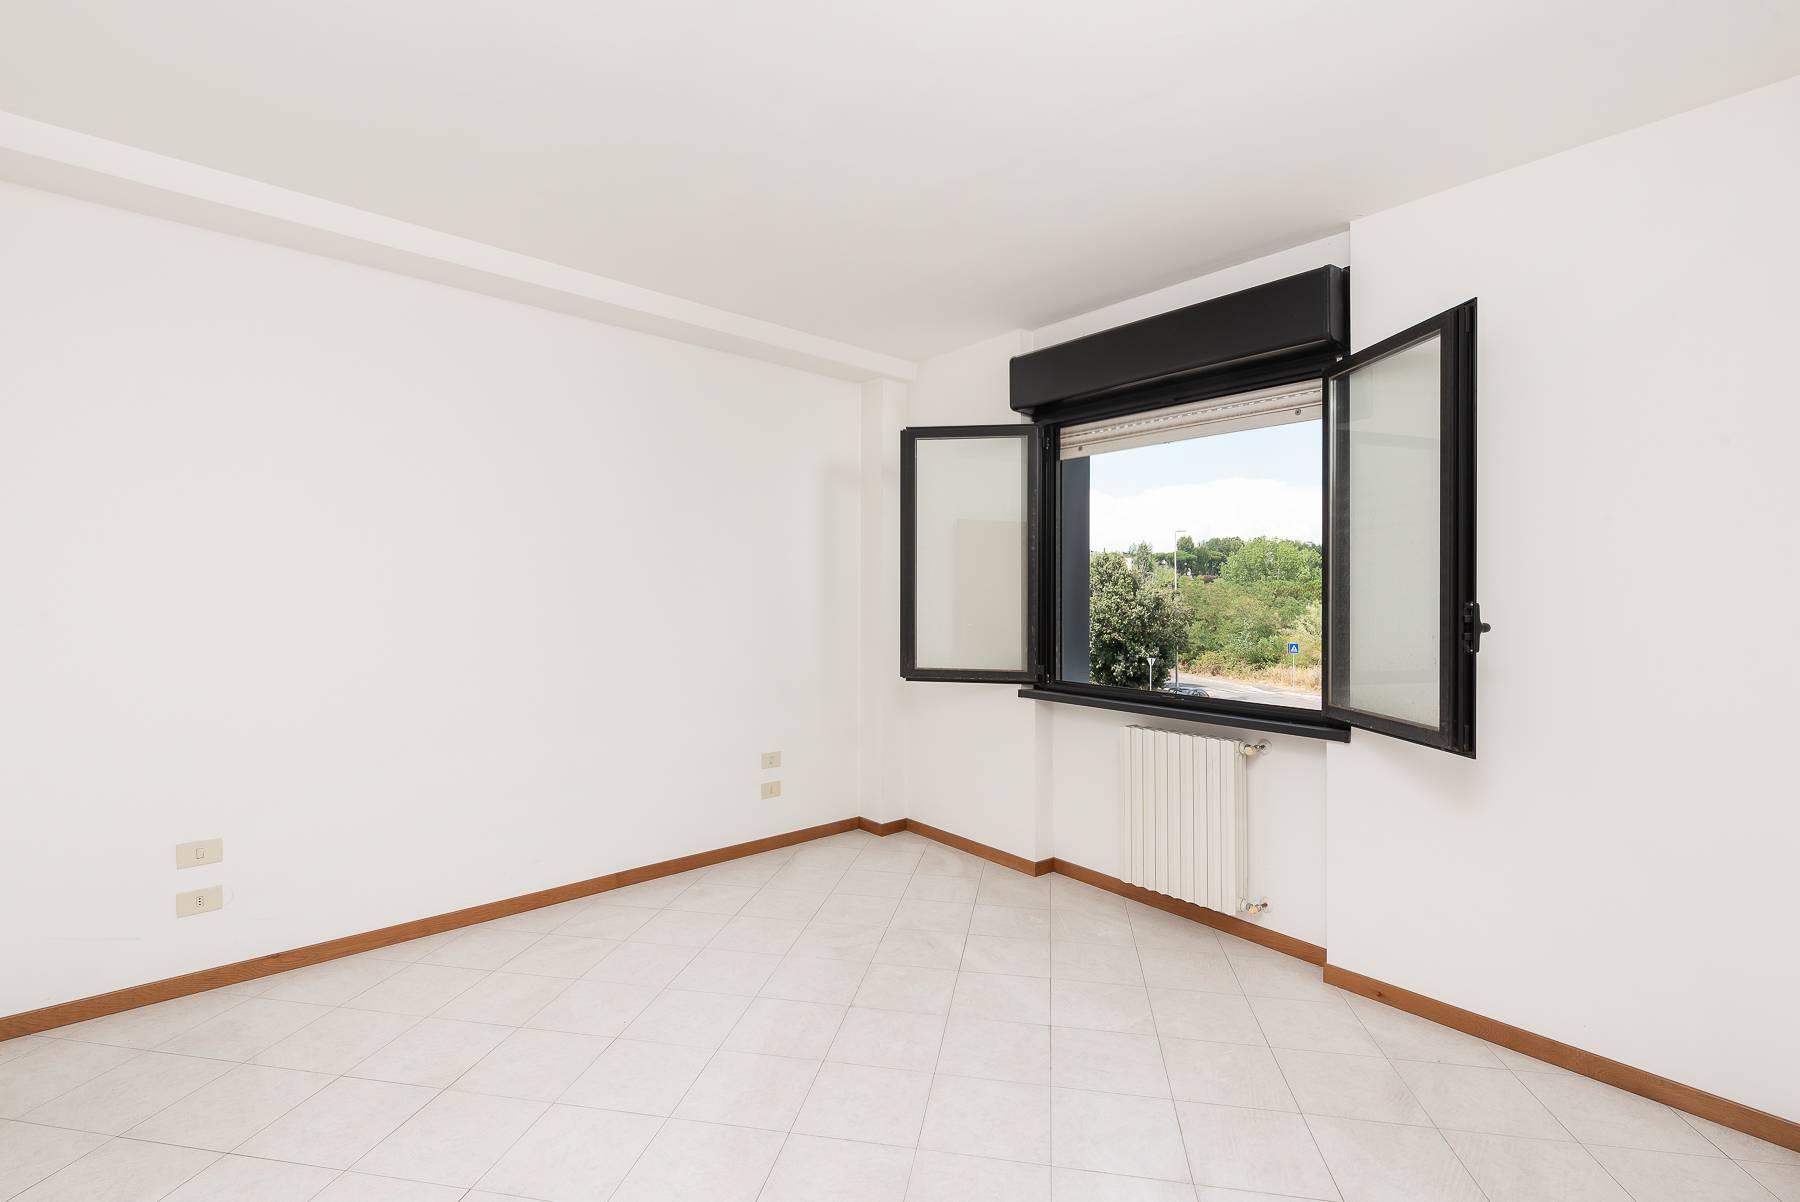 Appartamento in Vendita a Roma: 3 locali, 101 mq - Foto 5